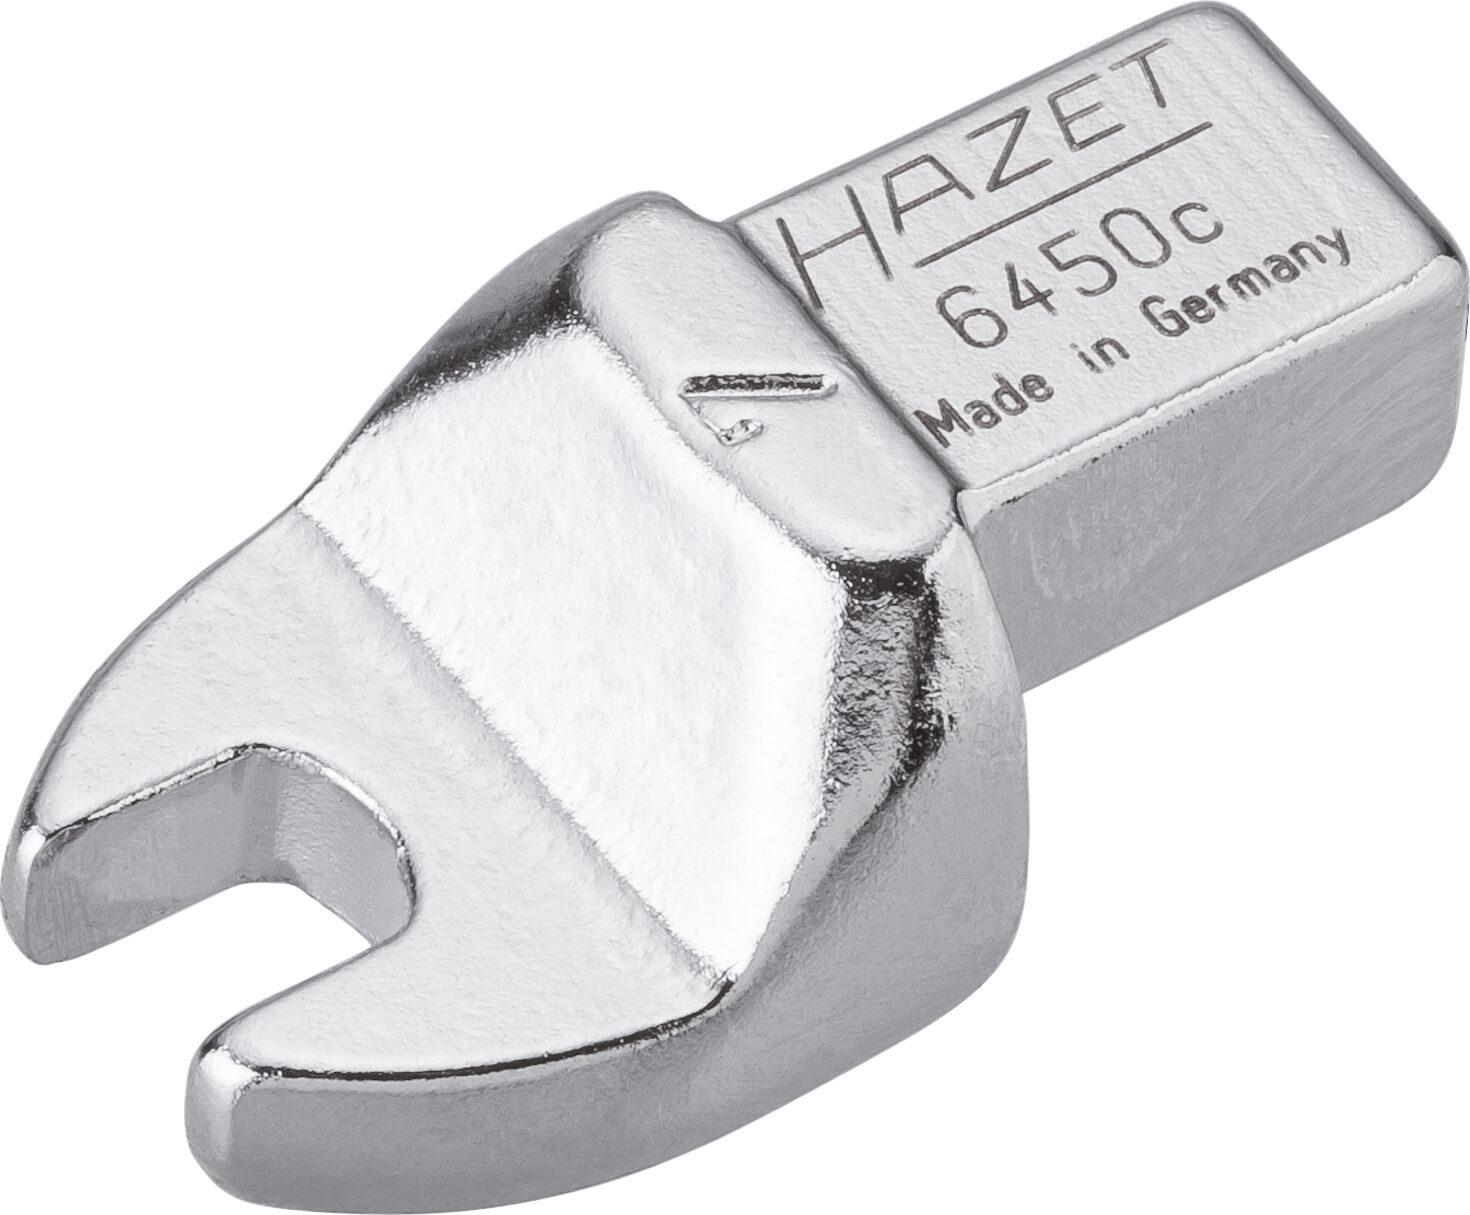 HAZET Einsteck-Maulschlüssel 6450C-7 ∙ Einsteck-Vierkant 9 x 12 mm ∙ Außen-Sechskant Profil ∙ 7 mm